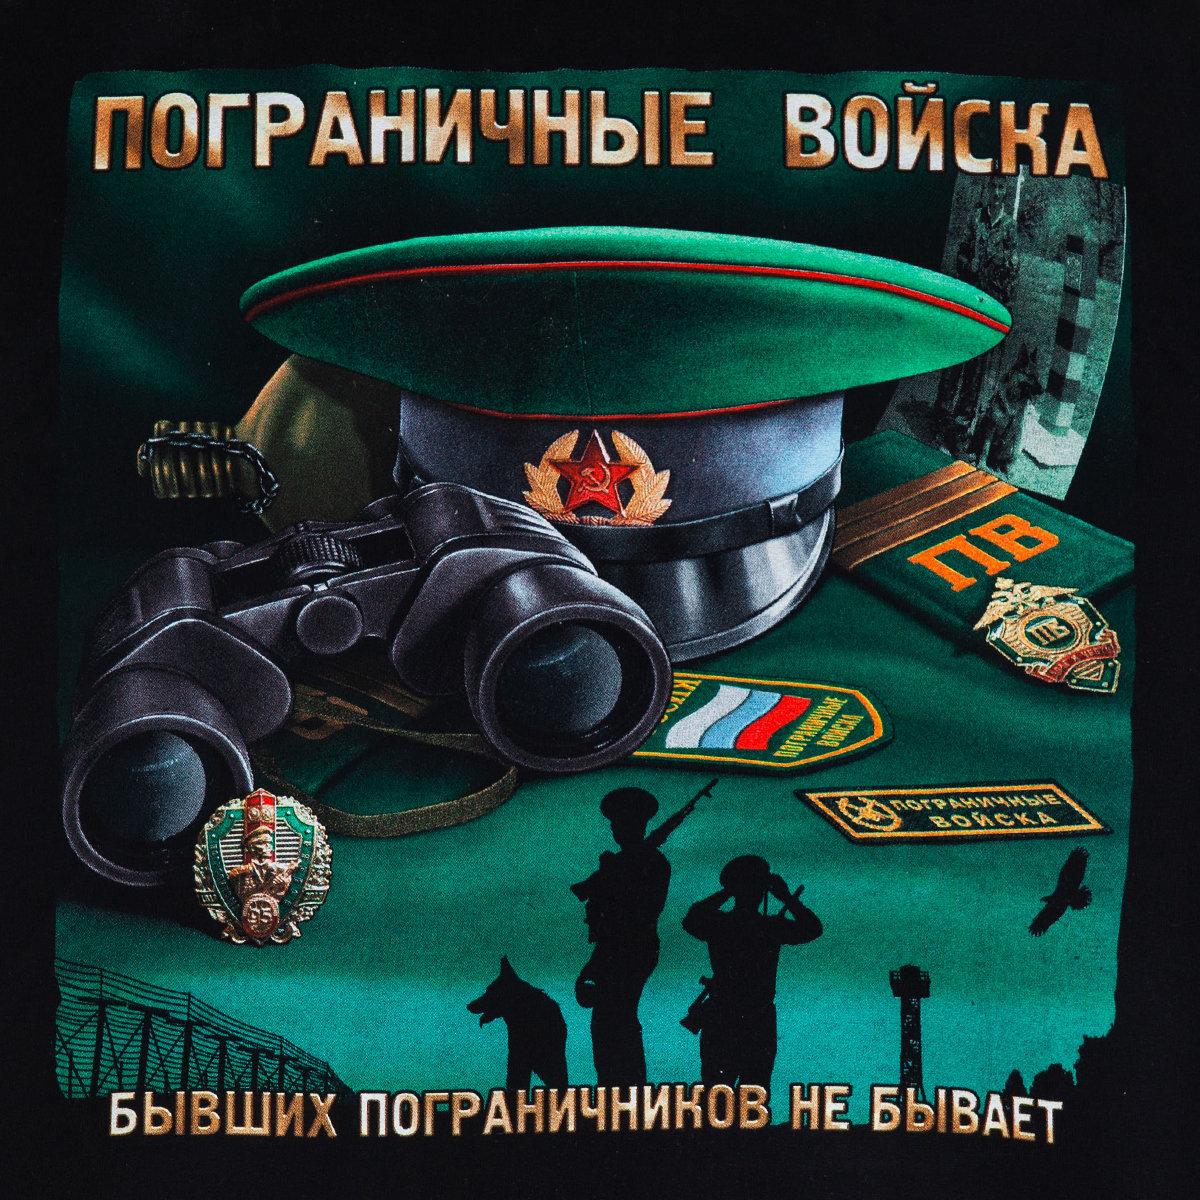 Пограничные войска картинки, девушка спортсменка открытка